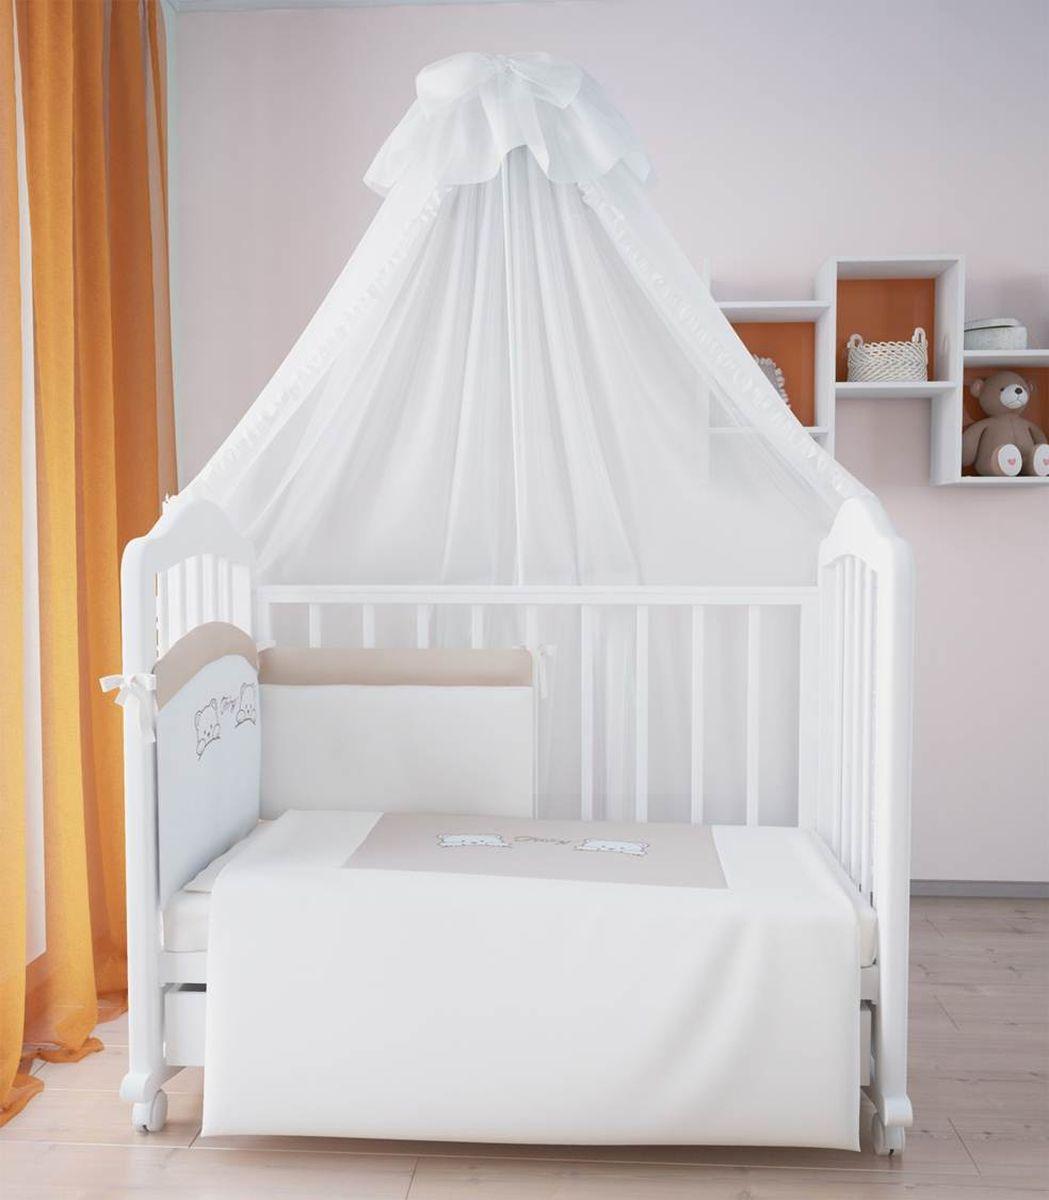 Fairy Комплект белья для новорожденных цвет бежевый коричневый 7 предметов5585-01